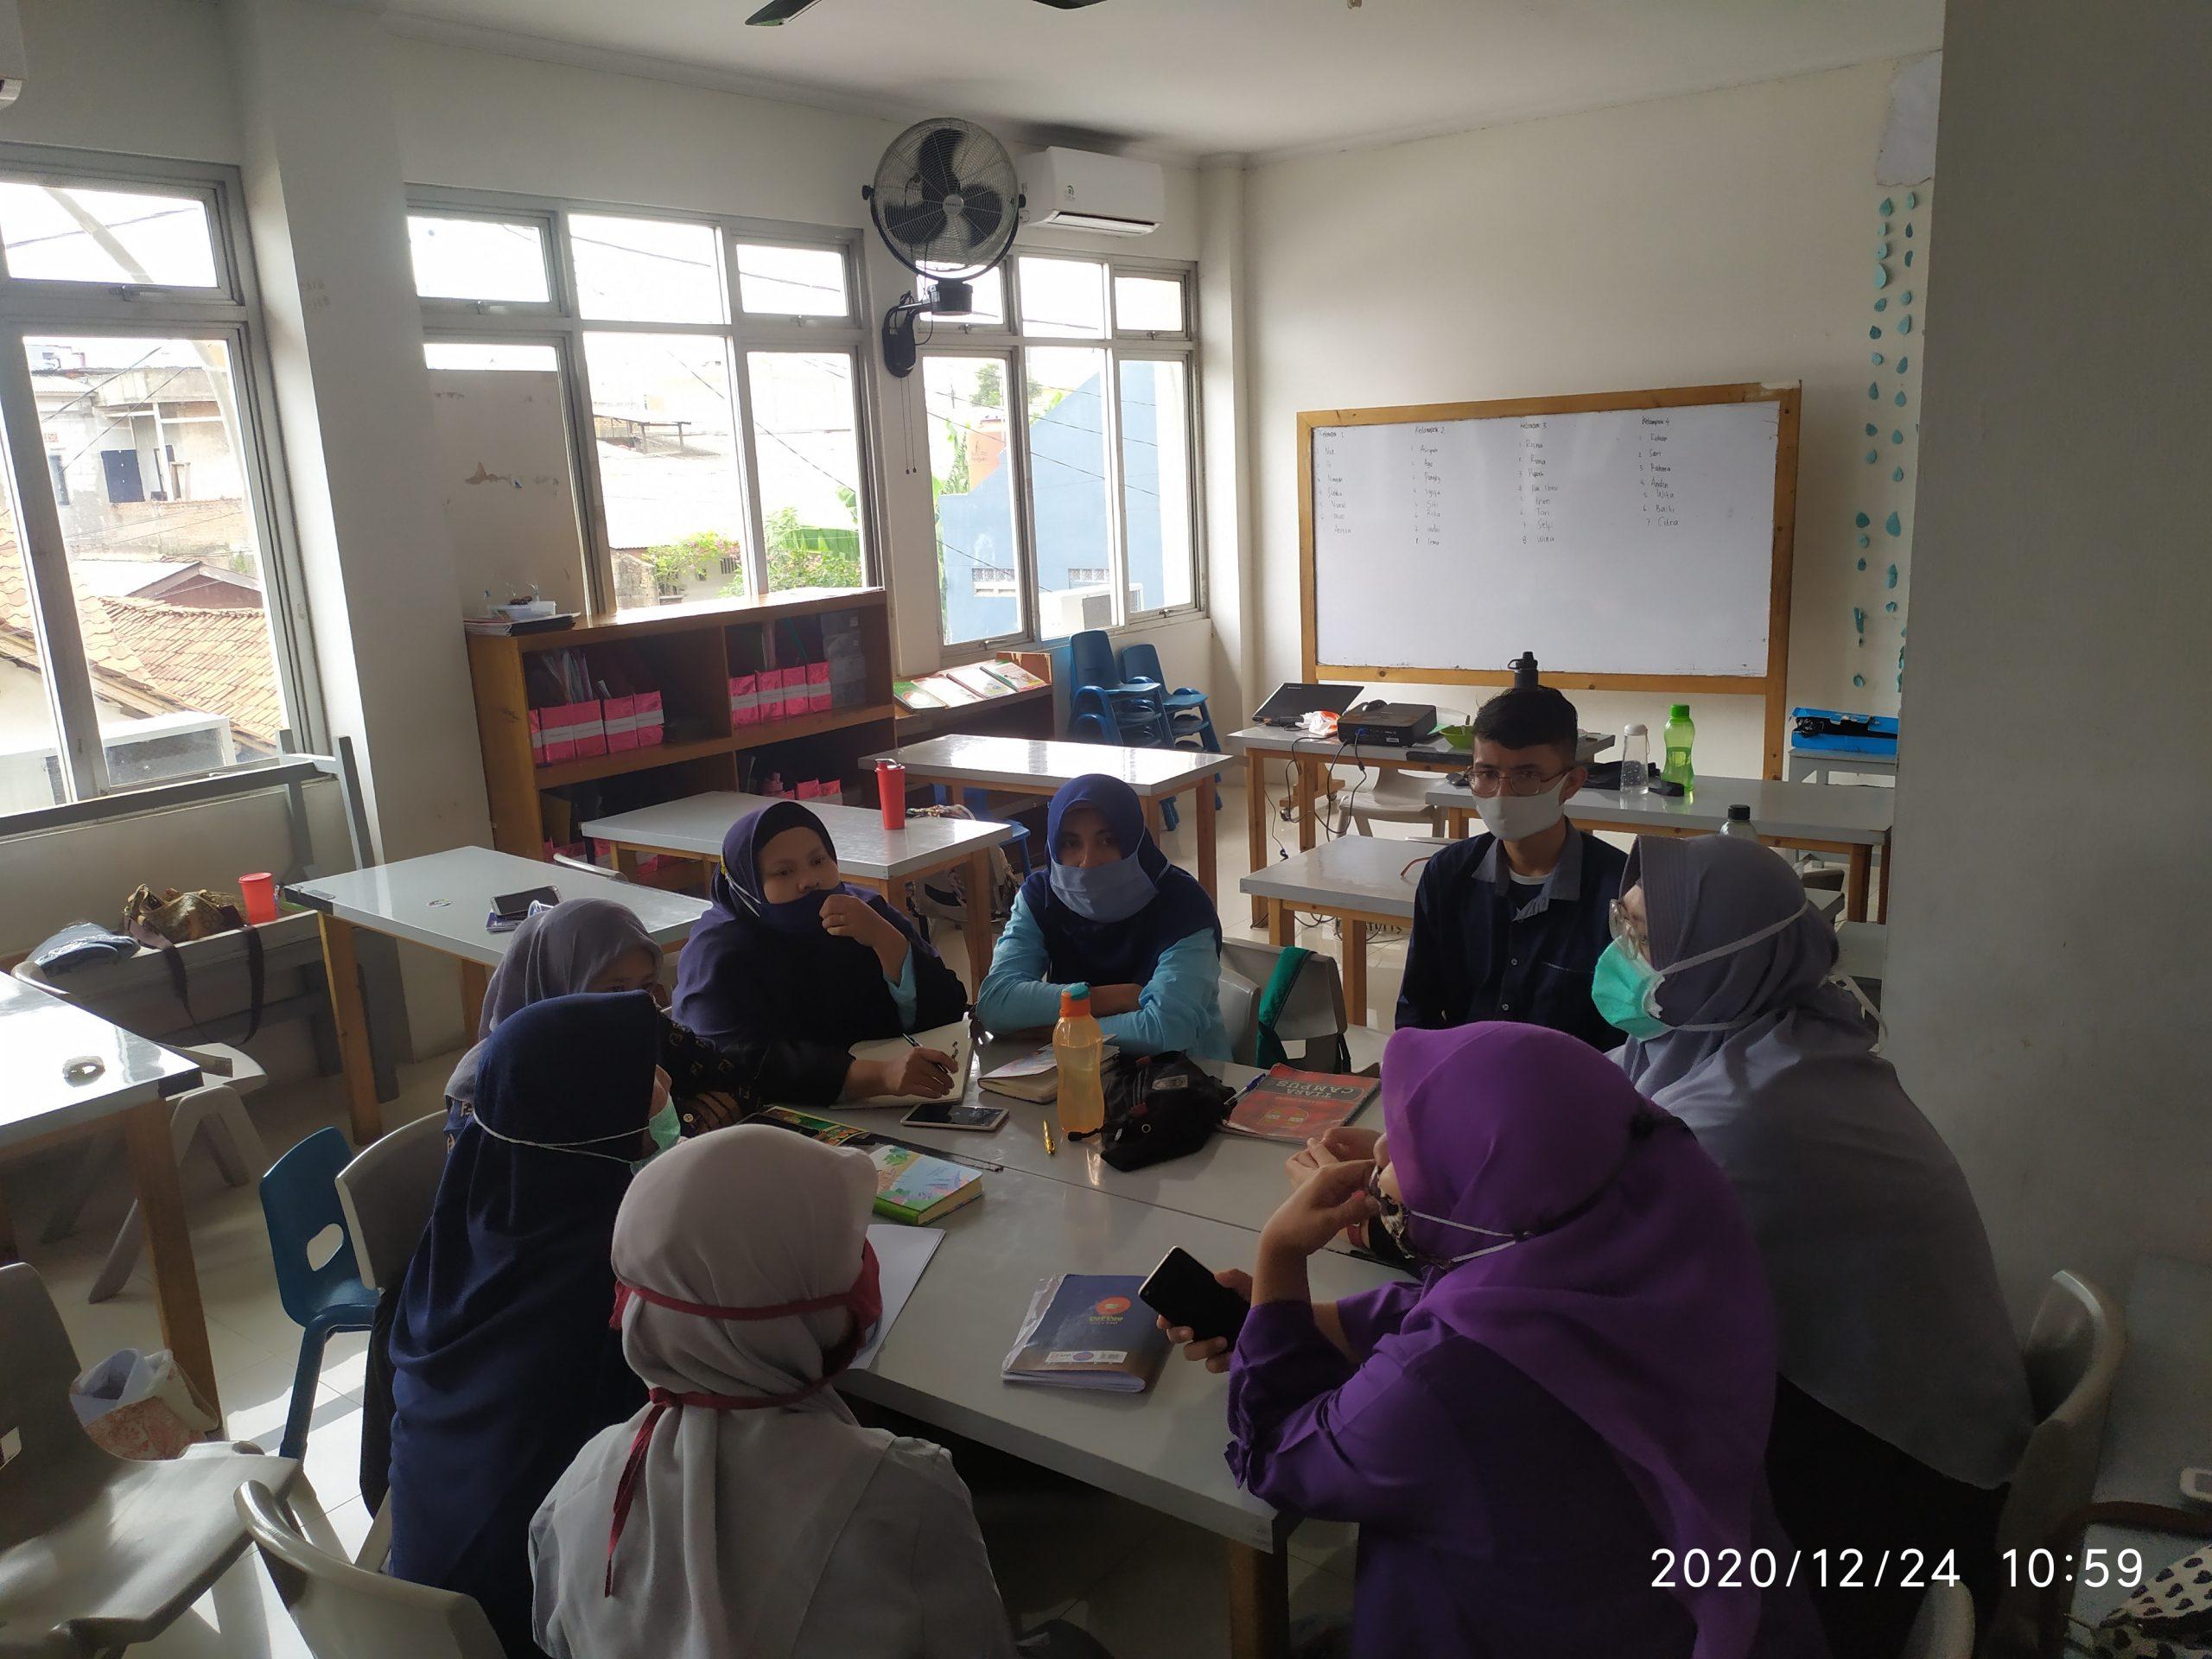 Kebiasaan-kebiasaan Guru Batutis Al-Ilmi dalam mempraktikkan Metode Sentra sangat relevan dalam menjawab tantangan menghadapi masa depan pendidikan